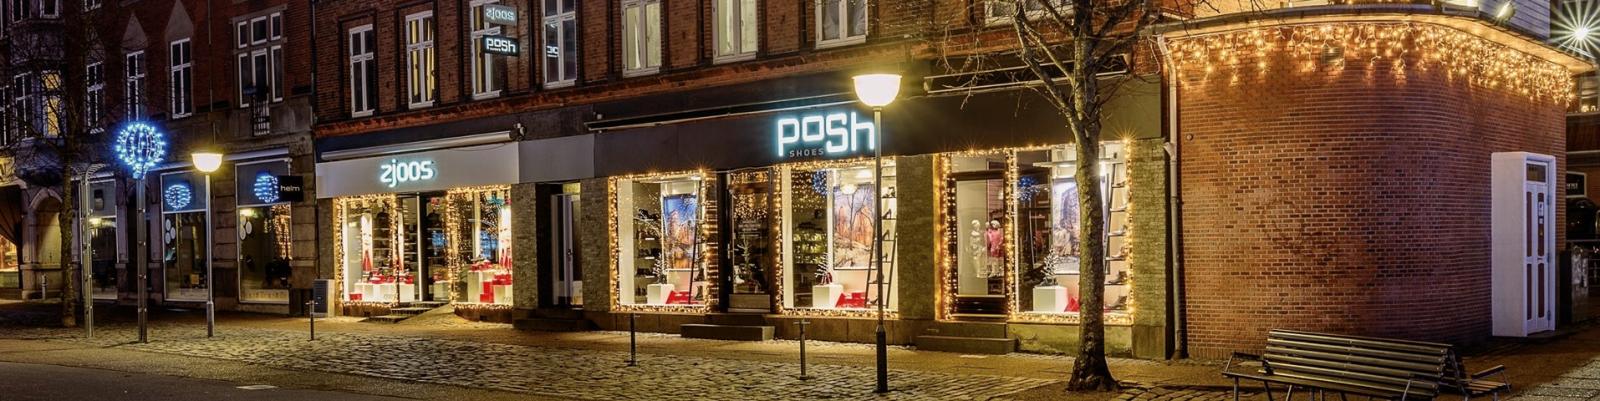 Velkommen til zjoos &amp; Posh Shoes' webshop!<br>